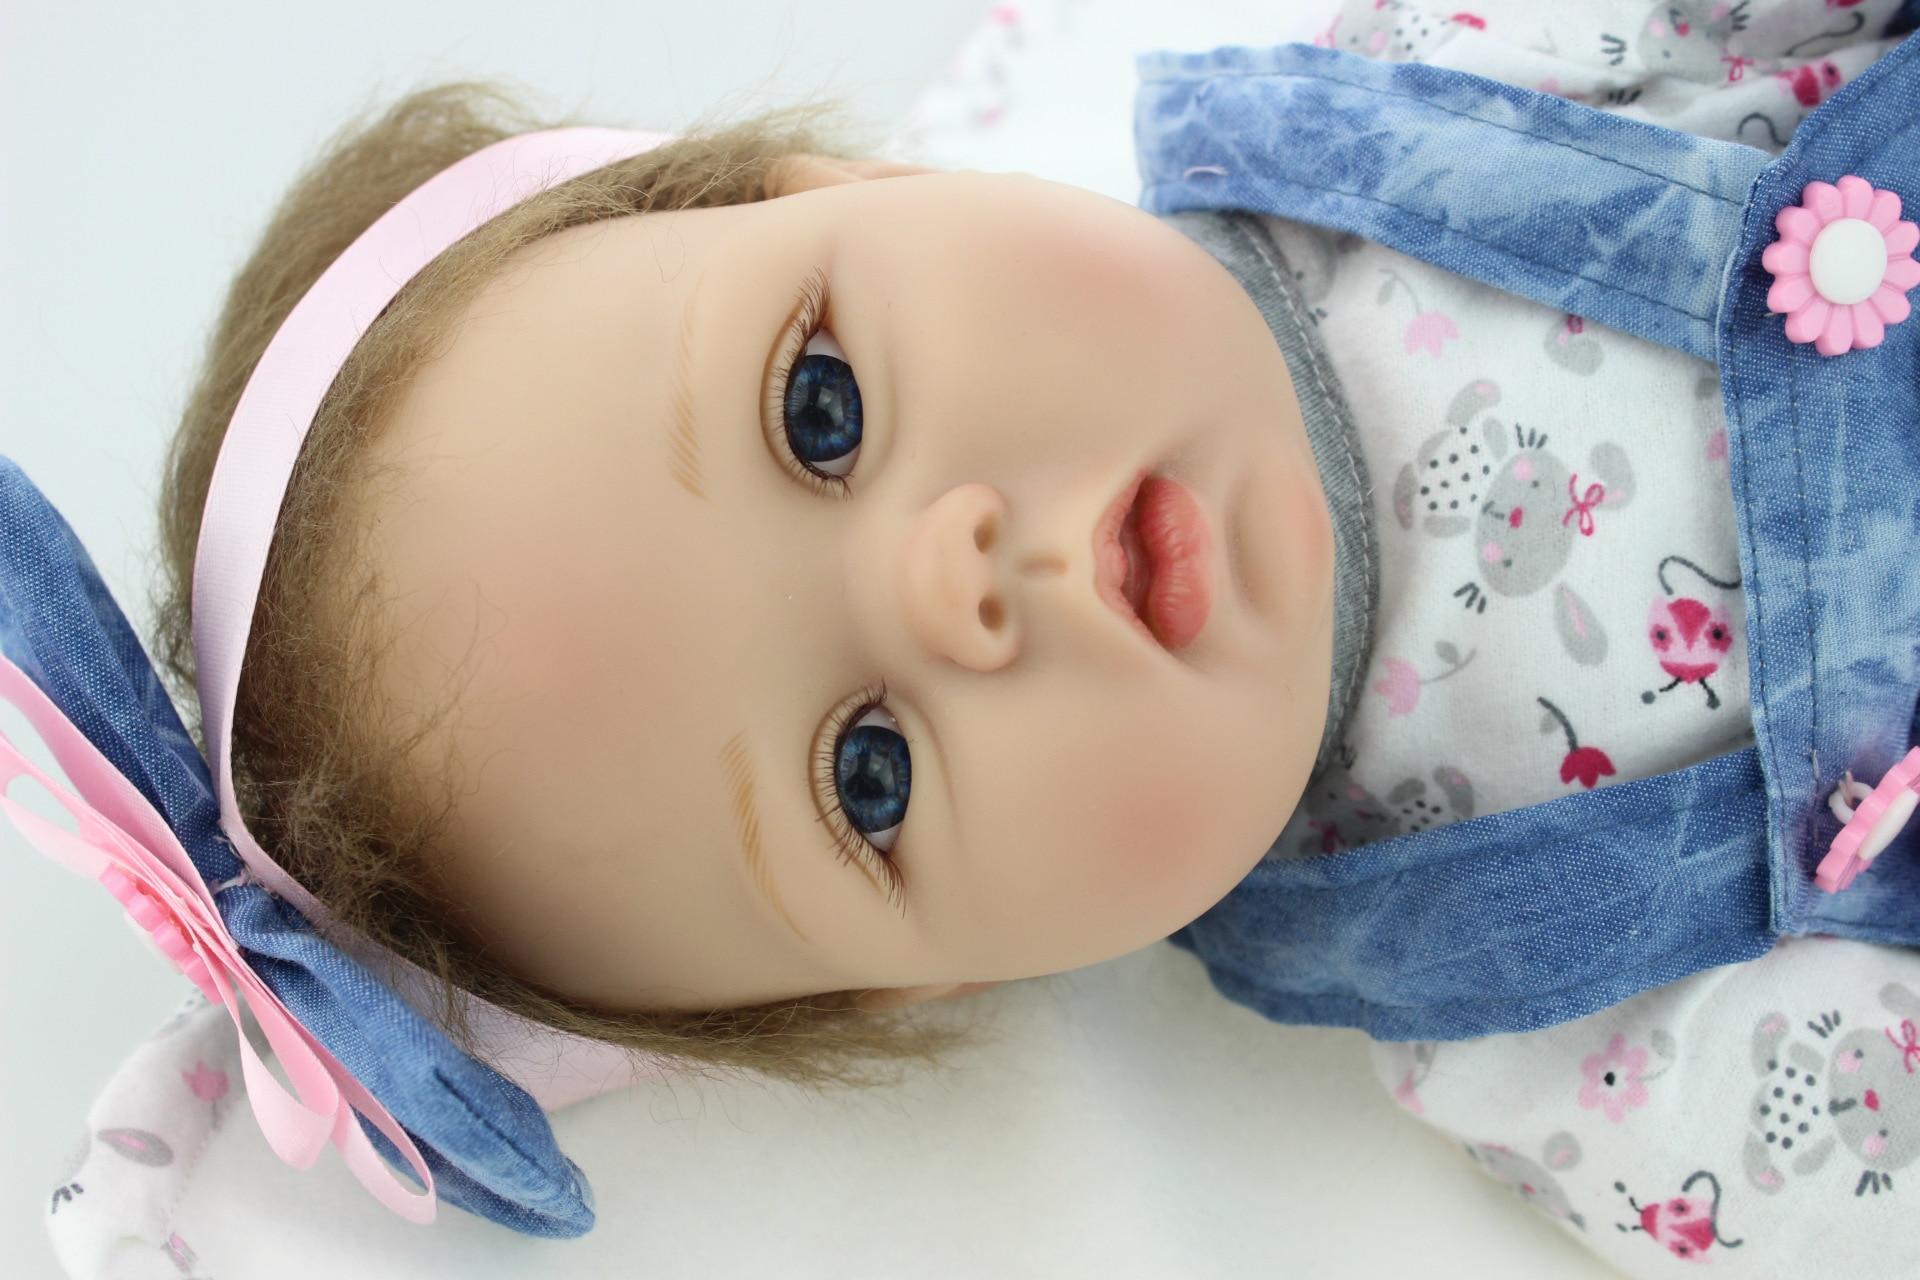 55 cm boneca reborn bébé poupée noir simulation bébé vinyle silicone toucher meilleur cadeau pour les enfants et les amis le jour de l'anniversaire